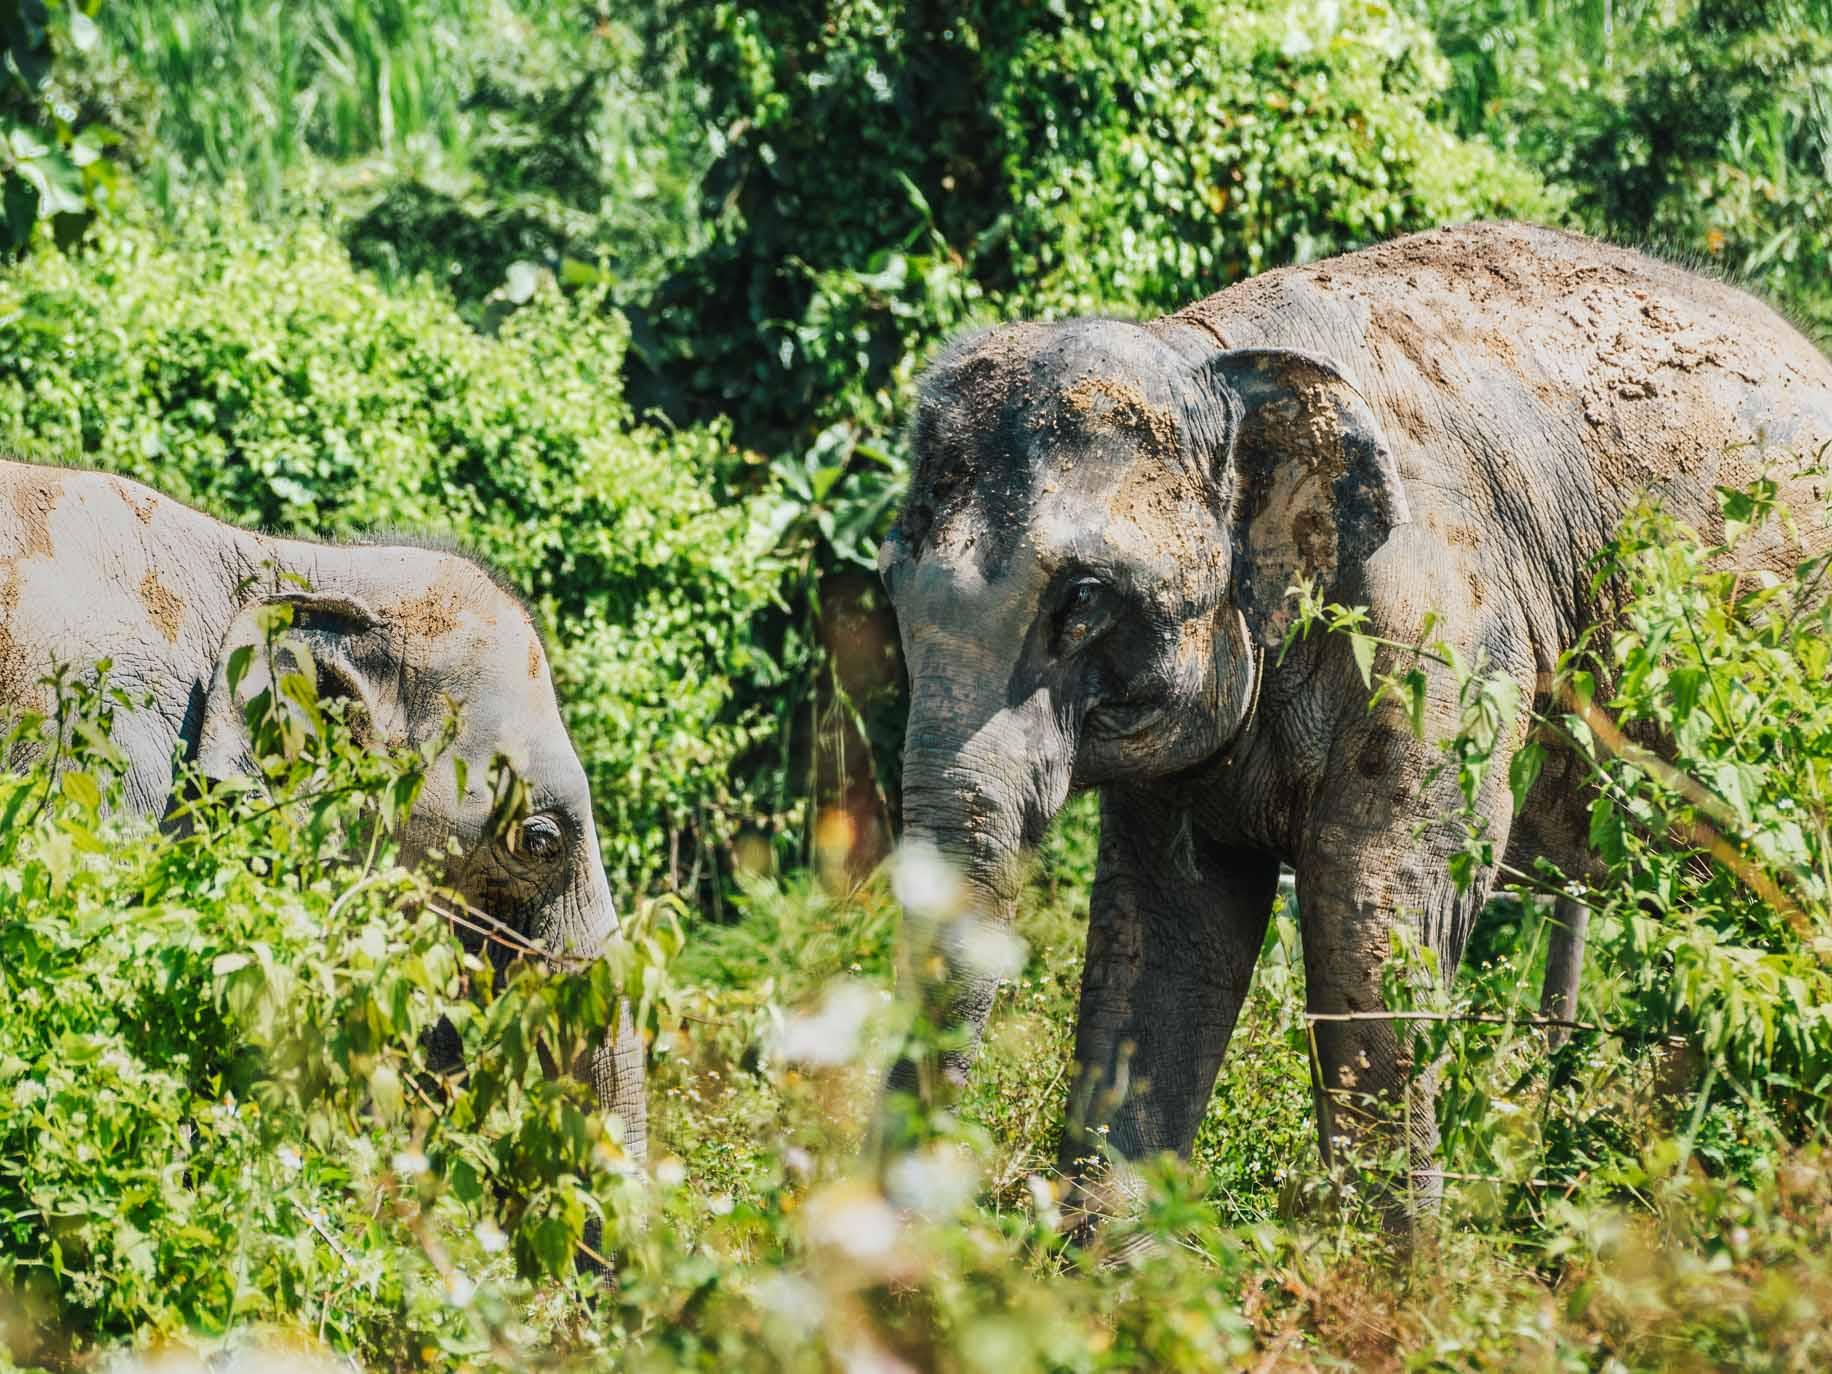 Notre expérience dans un sanctuaire d'éléphants